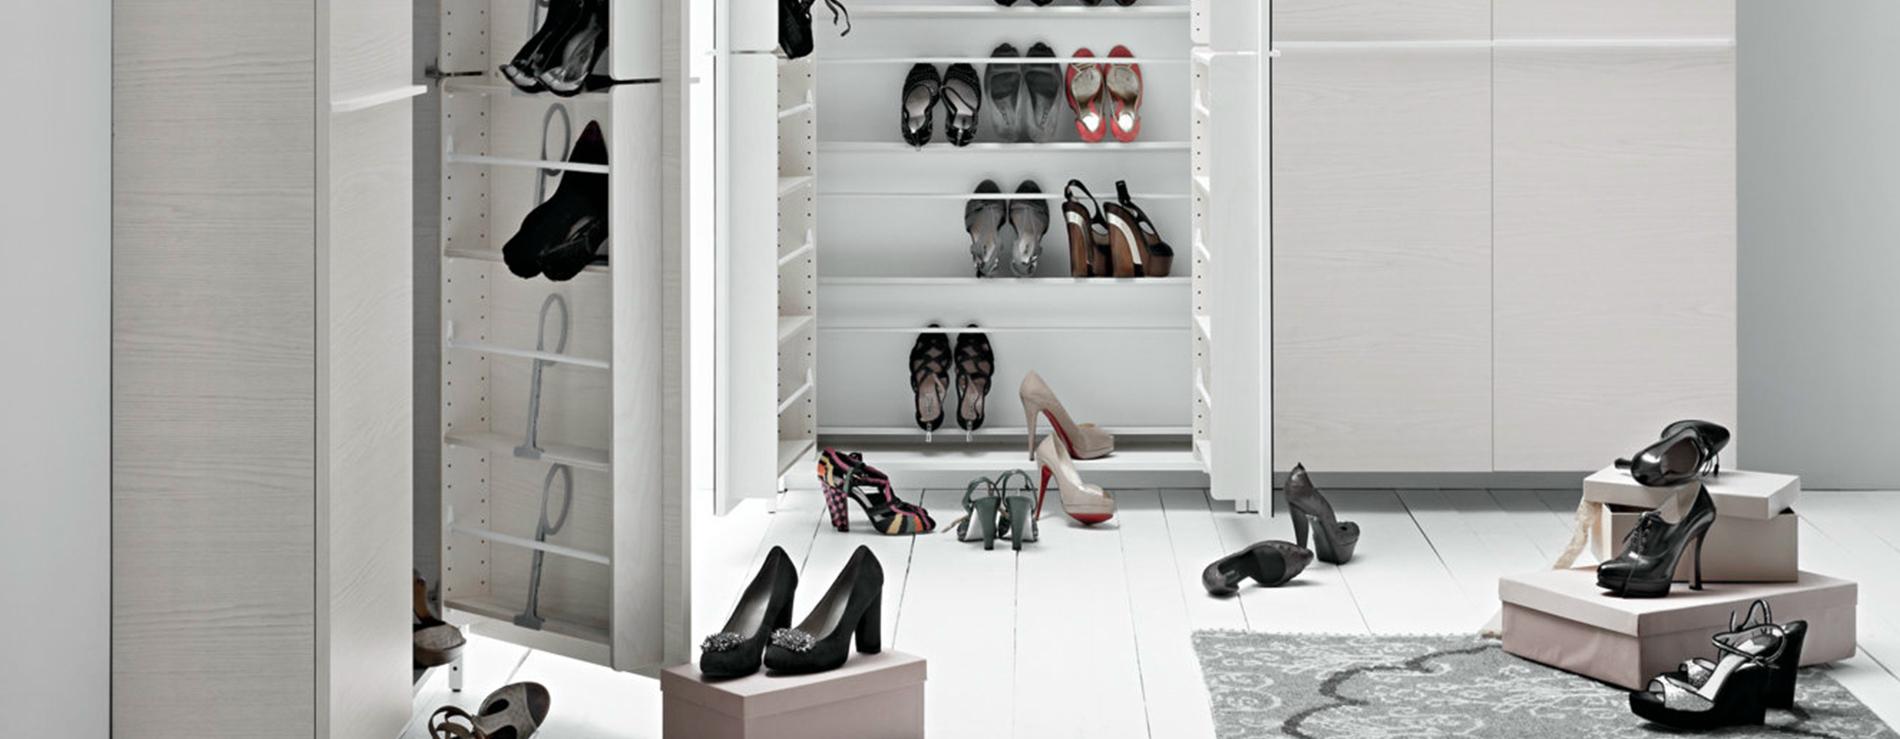 Scarpiere mobili per scarpe centro mobili godiasco for Scarpiere d arredo